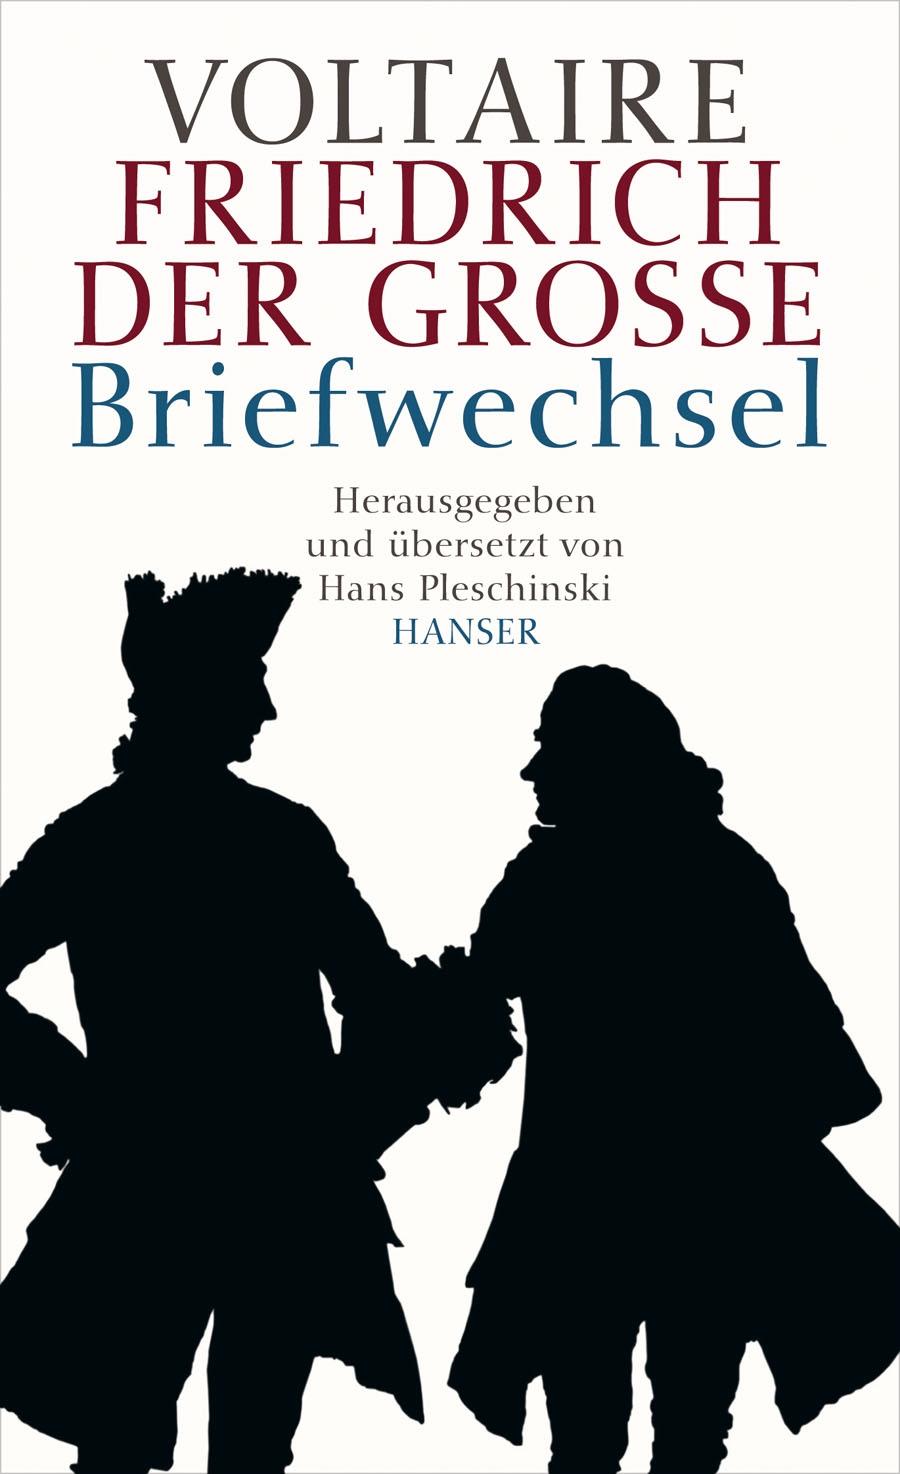 Voltaire - Friedrich der Große. Briefwechsel